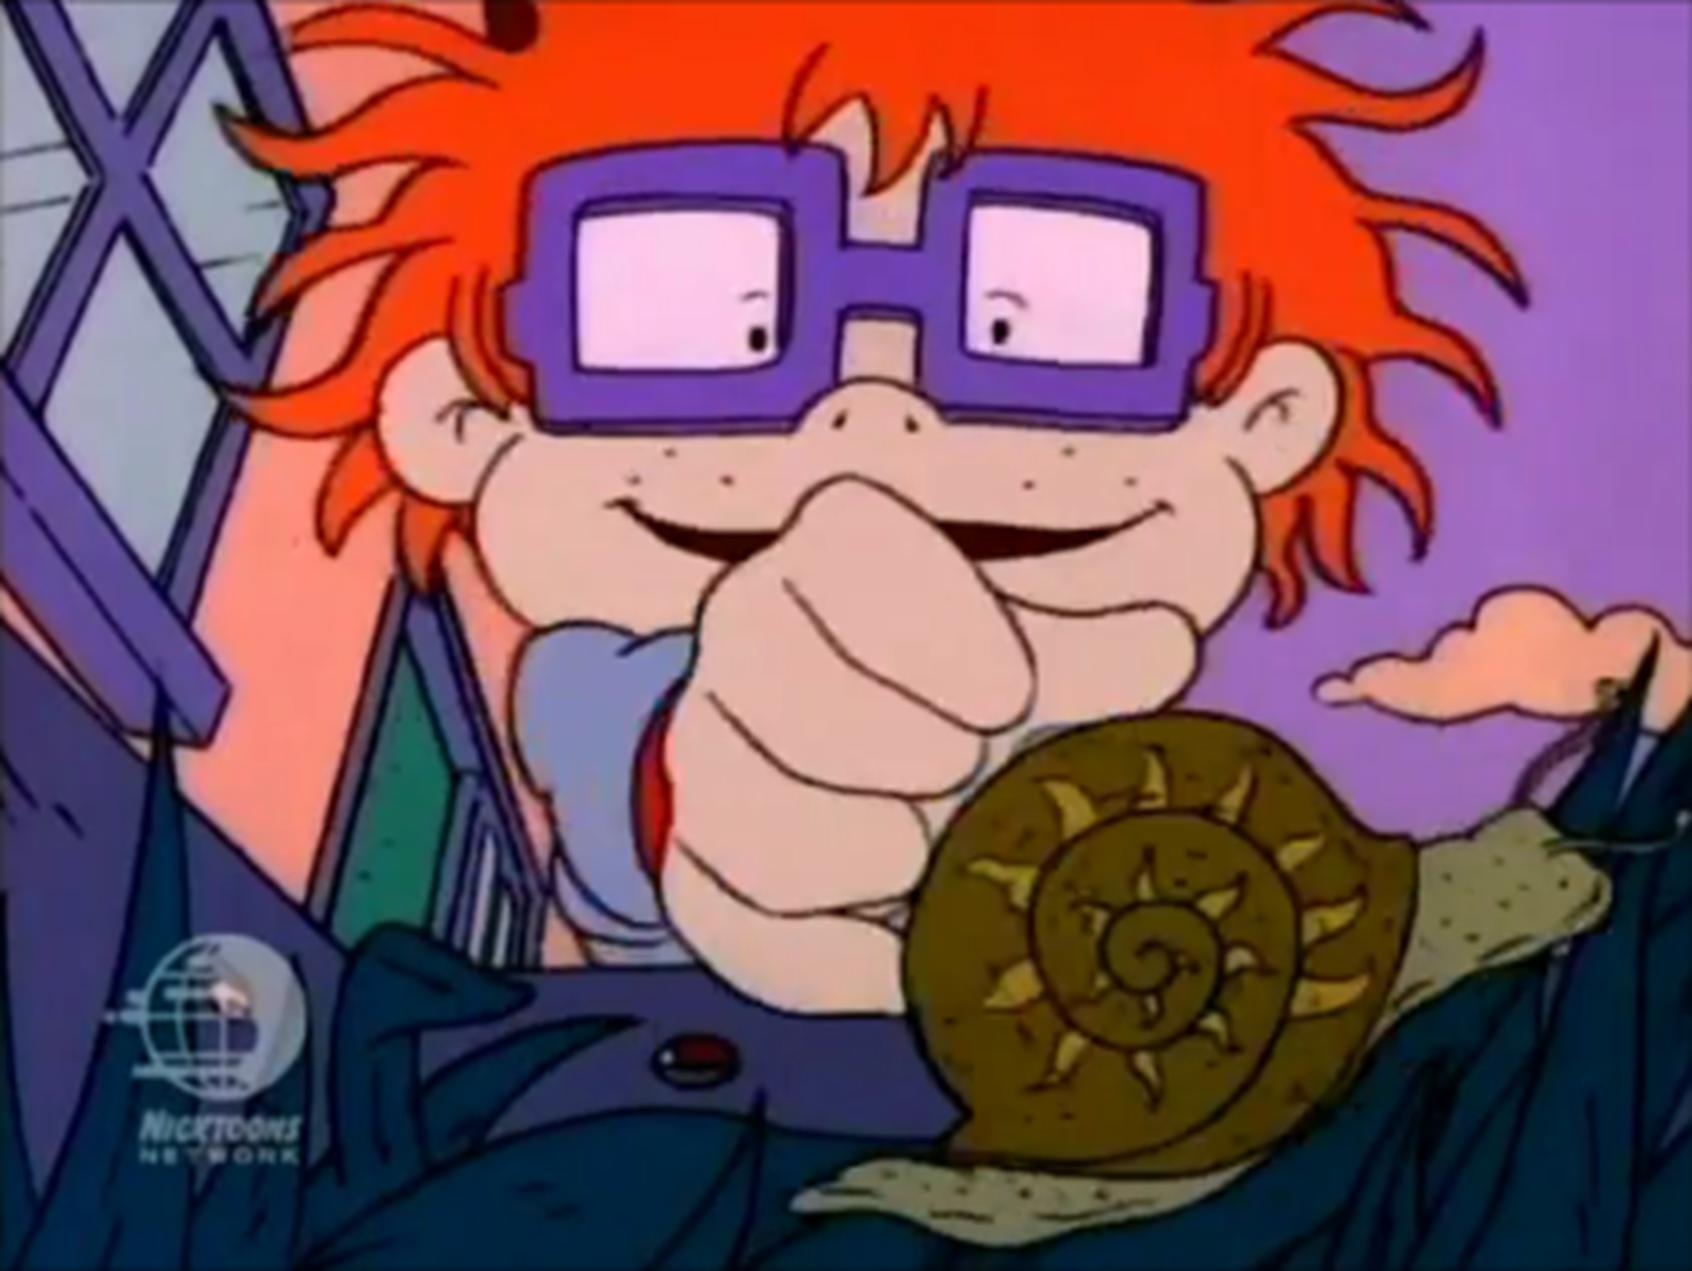 Rugrats - I Remember Melville 252.png